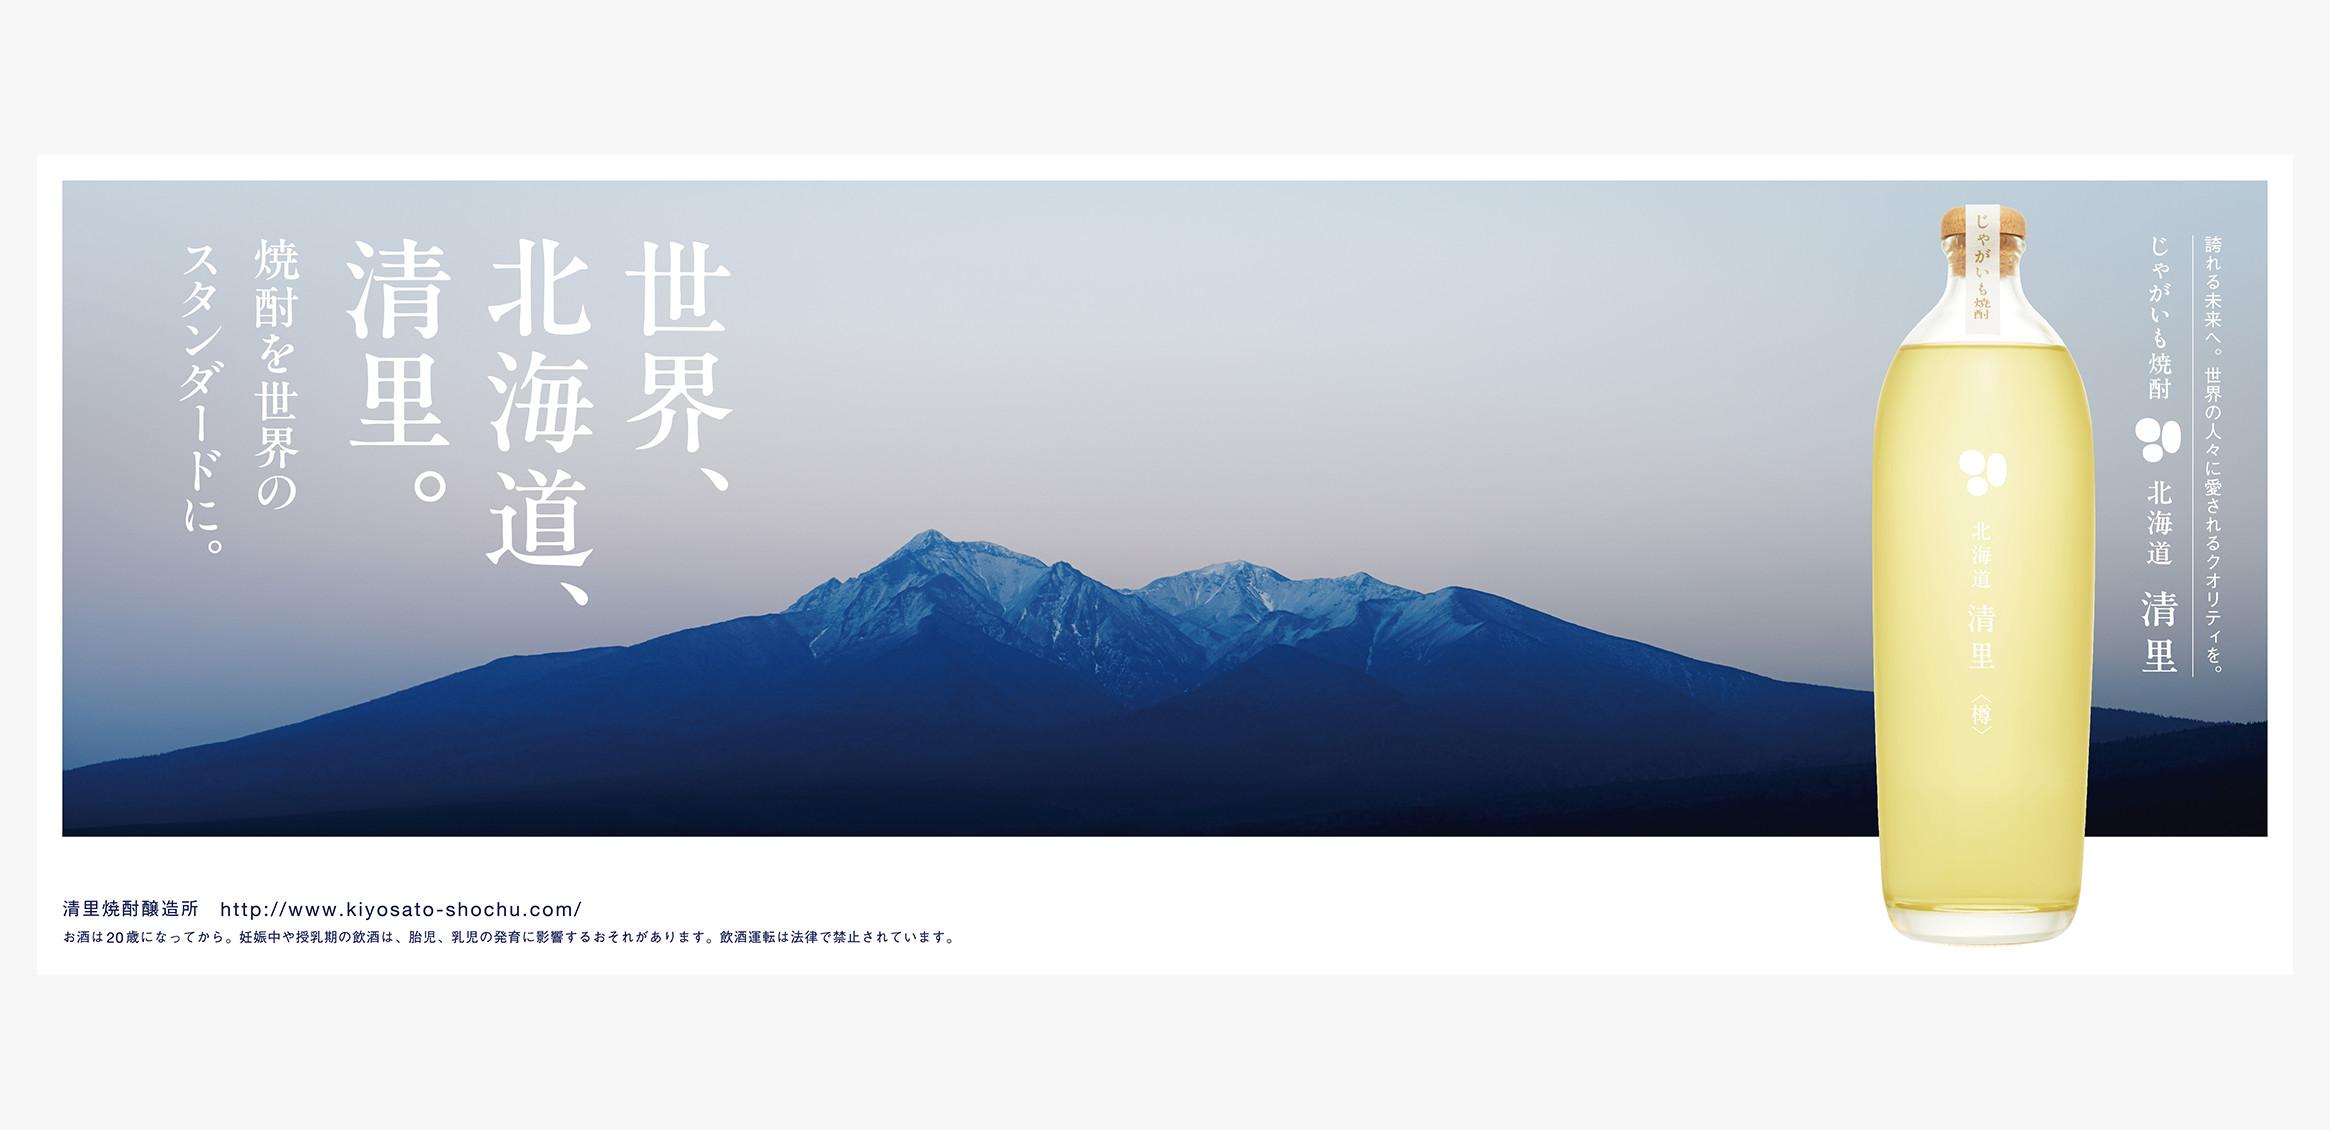 じゃがいも焼酎「北海道 清里」2枚目